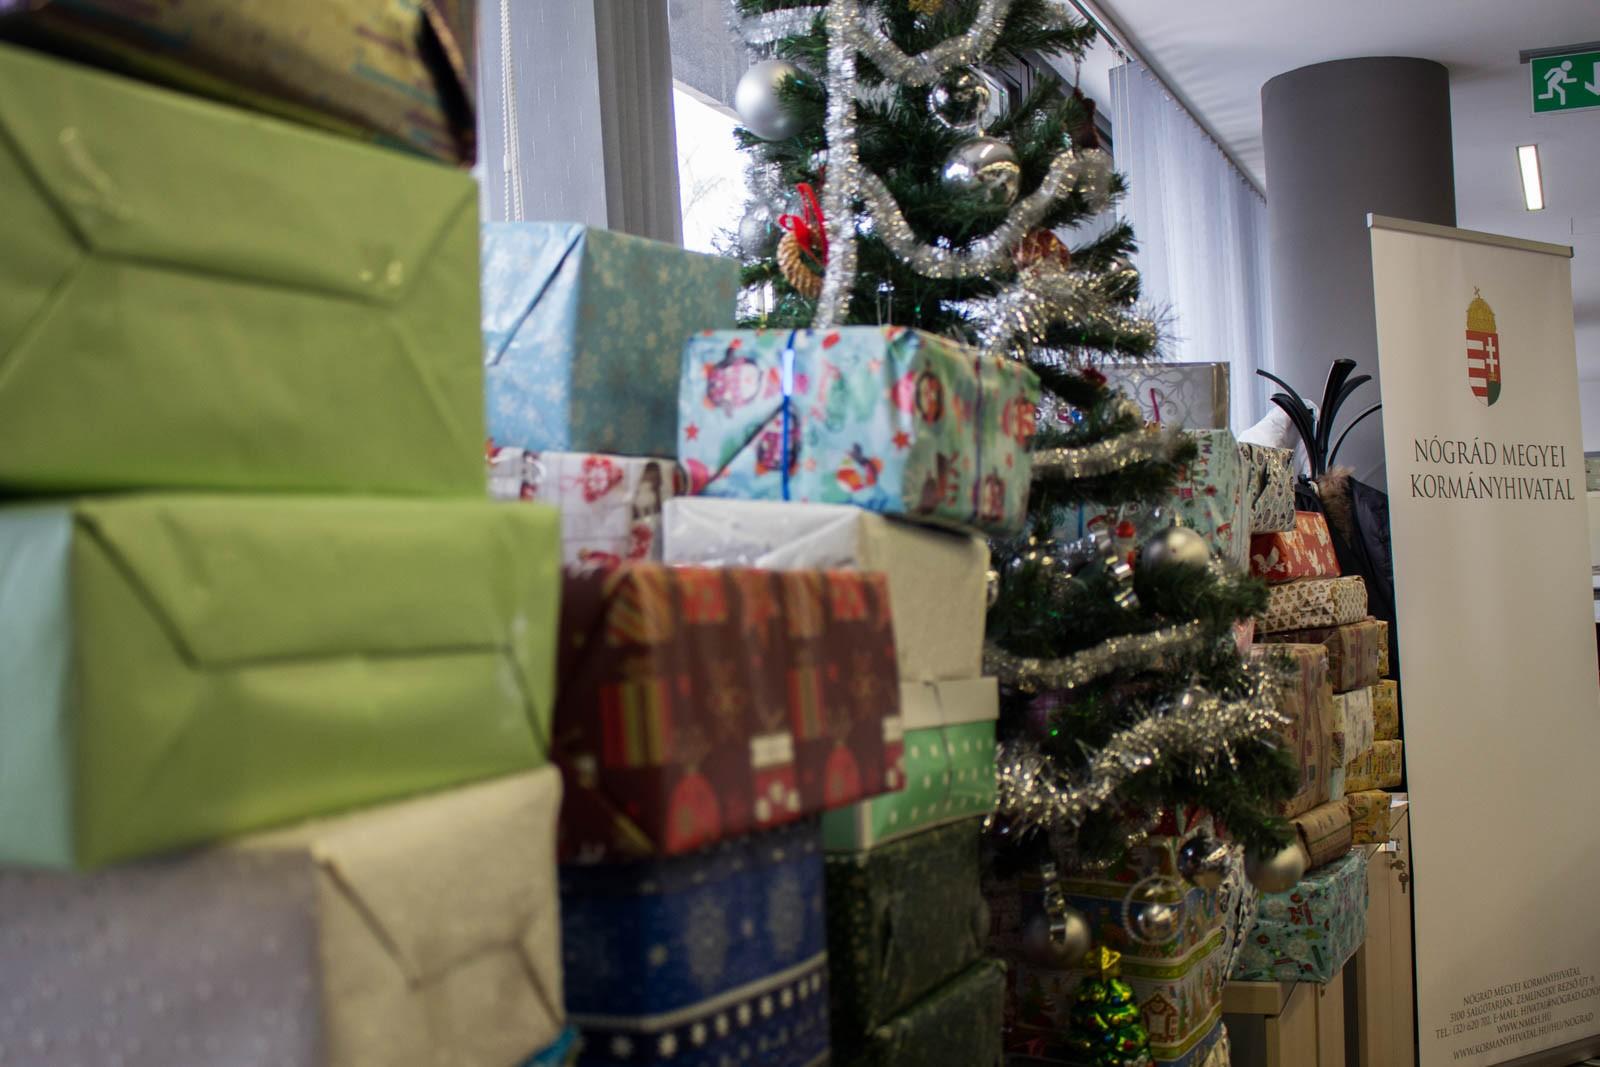 Százhatvanegy salgótarjáni és városkörnyéki családnál kerül eggyel több ajándék a fa alá